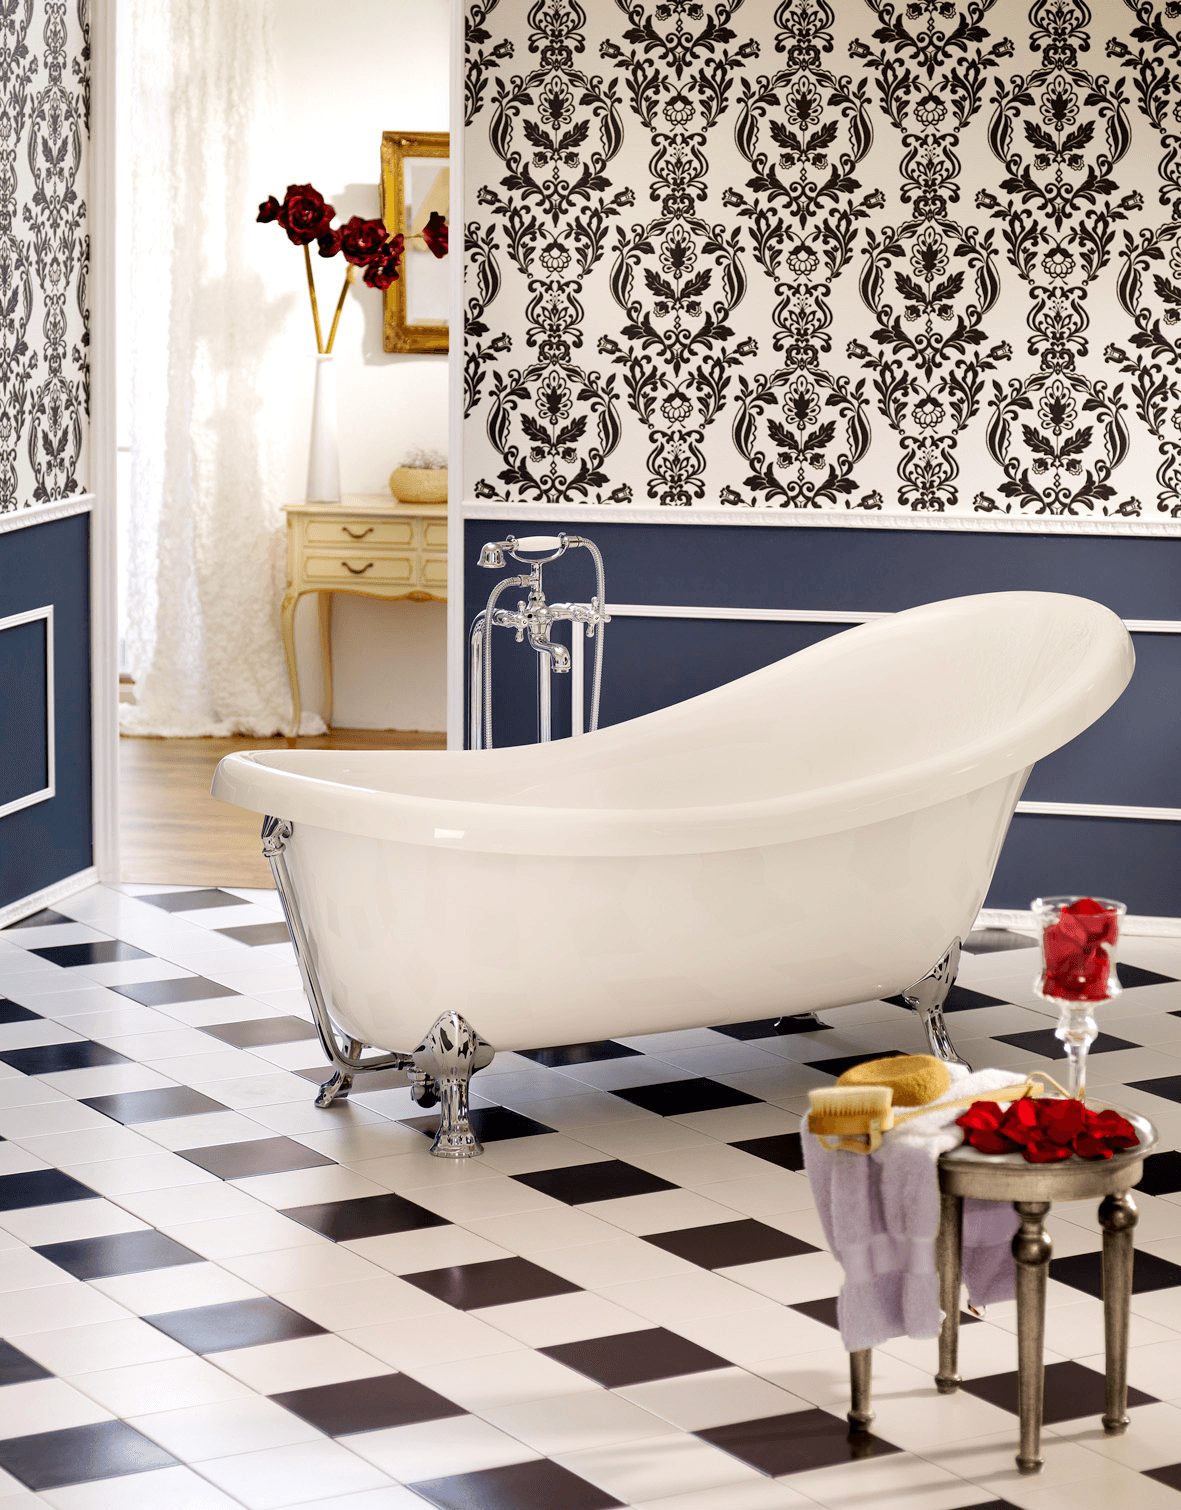 freistehende badewanne azur 1750x825x395 mm wei. Black Bedroom Furniture Sets. Home Design Ideas